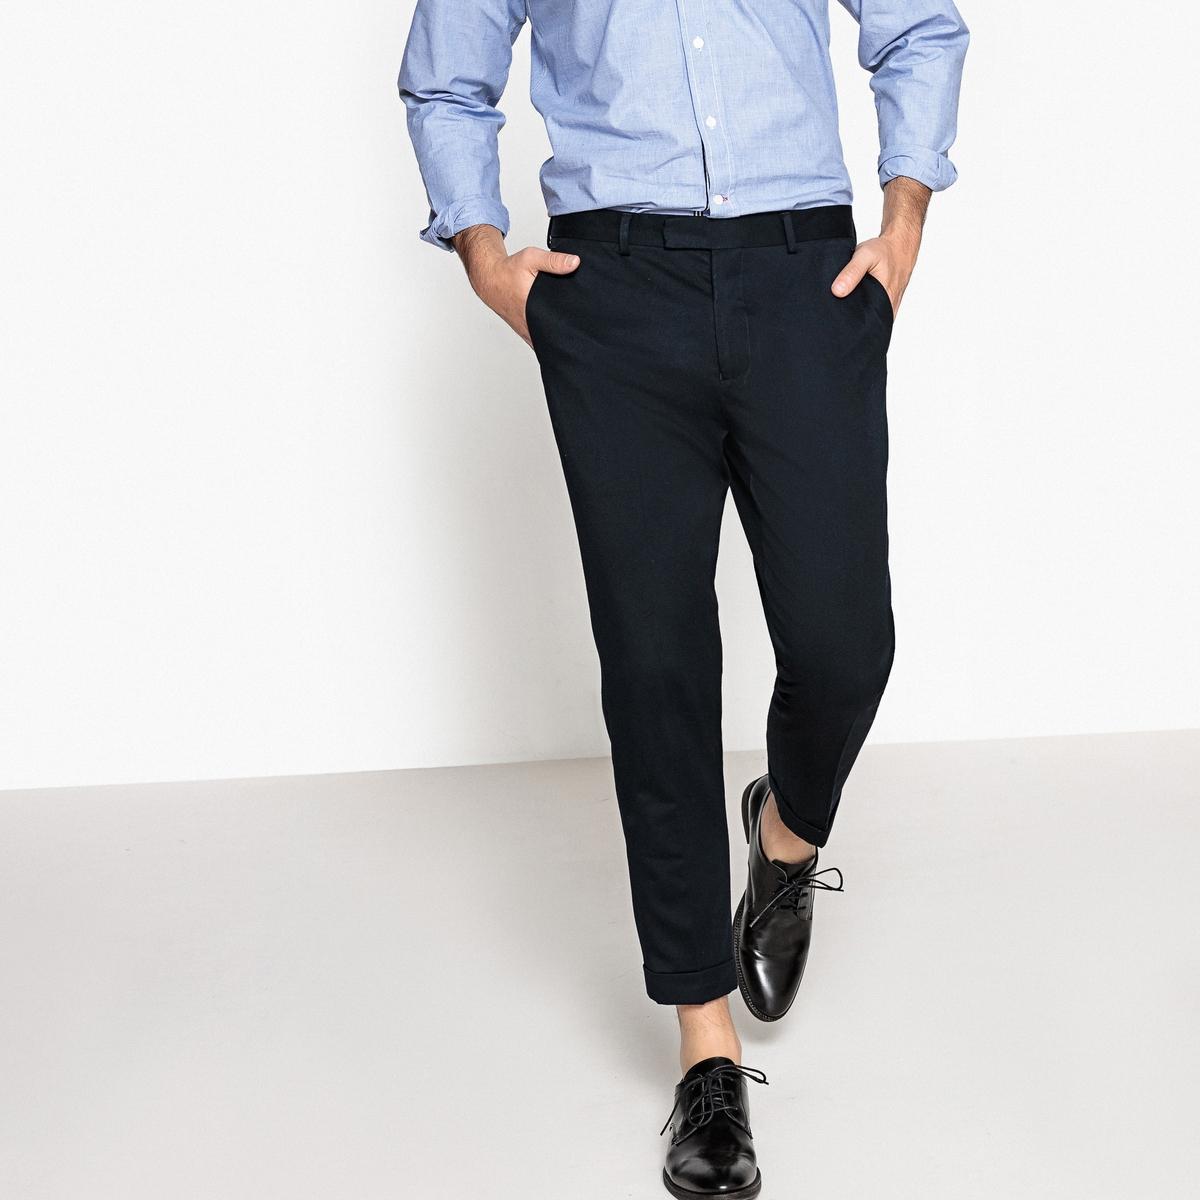 Брюки костюмные, 7/8Детали •  Костюмные брюки •  Стандартная высота поясаСостав и уход •  67% вискозы, 33% полиэстера  •  Температура стирки 30° на деликатном режиме   •  Сухая чистка и отбеливание запрещены    • Барабанная сушка на слабом режиме       •  Низкая температура глажки<br><br>Цвет: темно-синий<br>Размер: 38 (FR) - 44 (RUS).40 (FR) - 46 (RUS).48 (FR) - 54 (RUS).42 (FR) - 48 (RUS).50 (FR) - 56 (RUS).36 (FR) - 42 (RUS).46 (FR) - 52 (RUS)